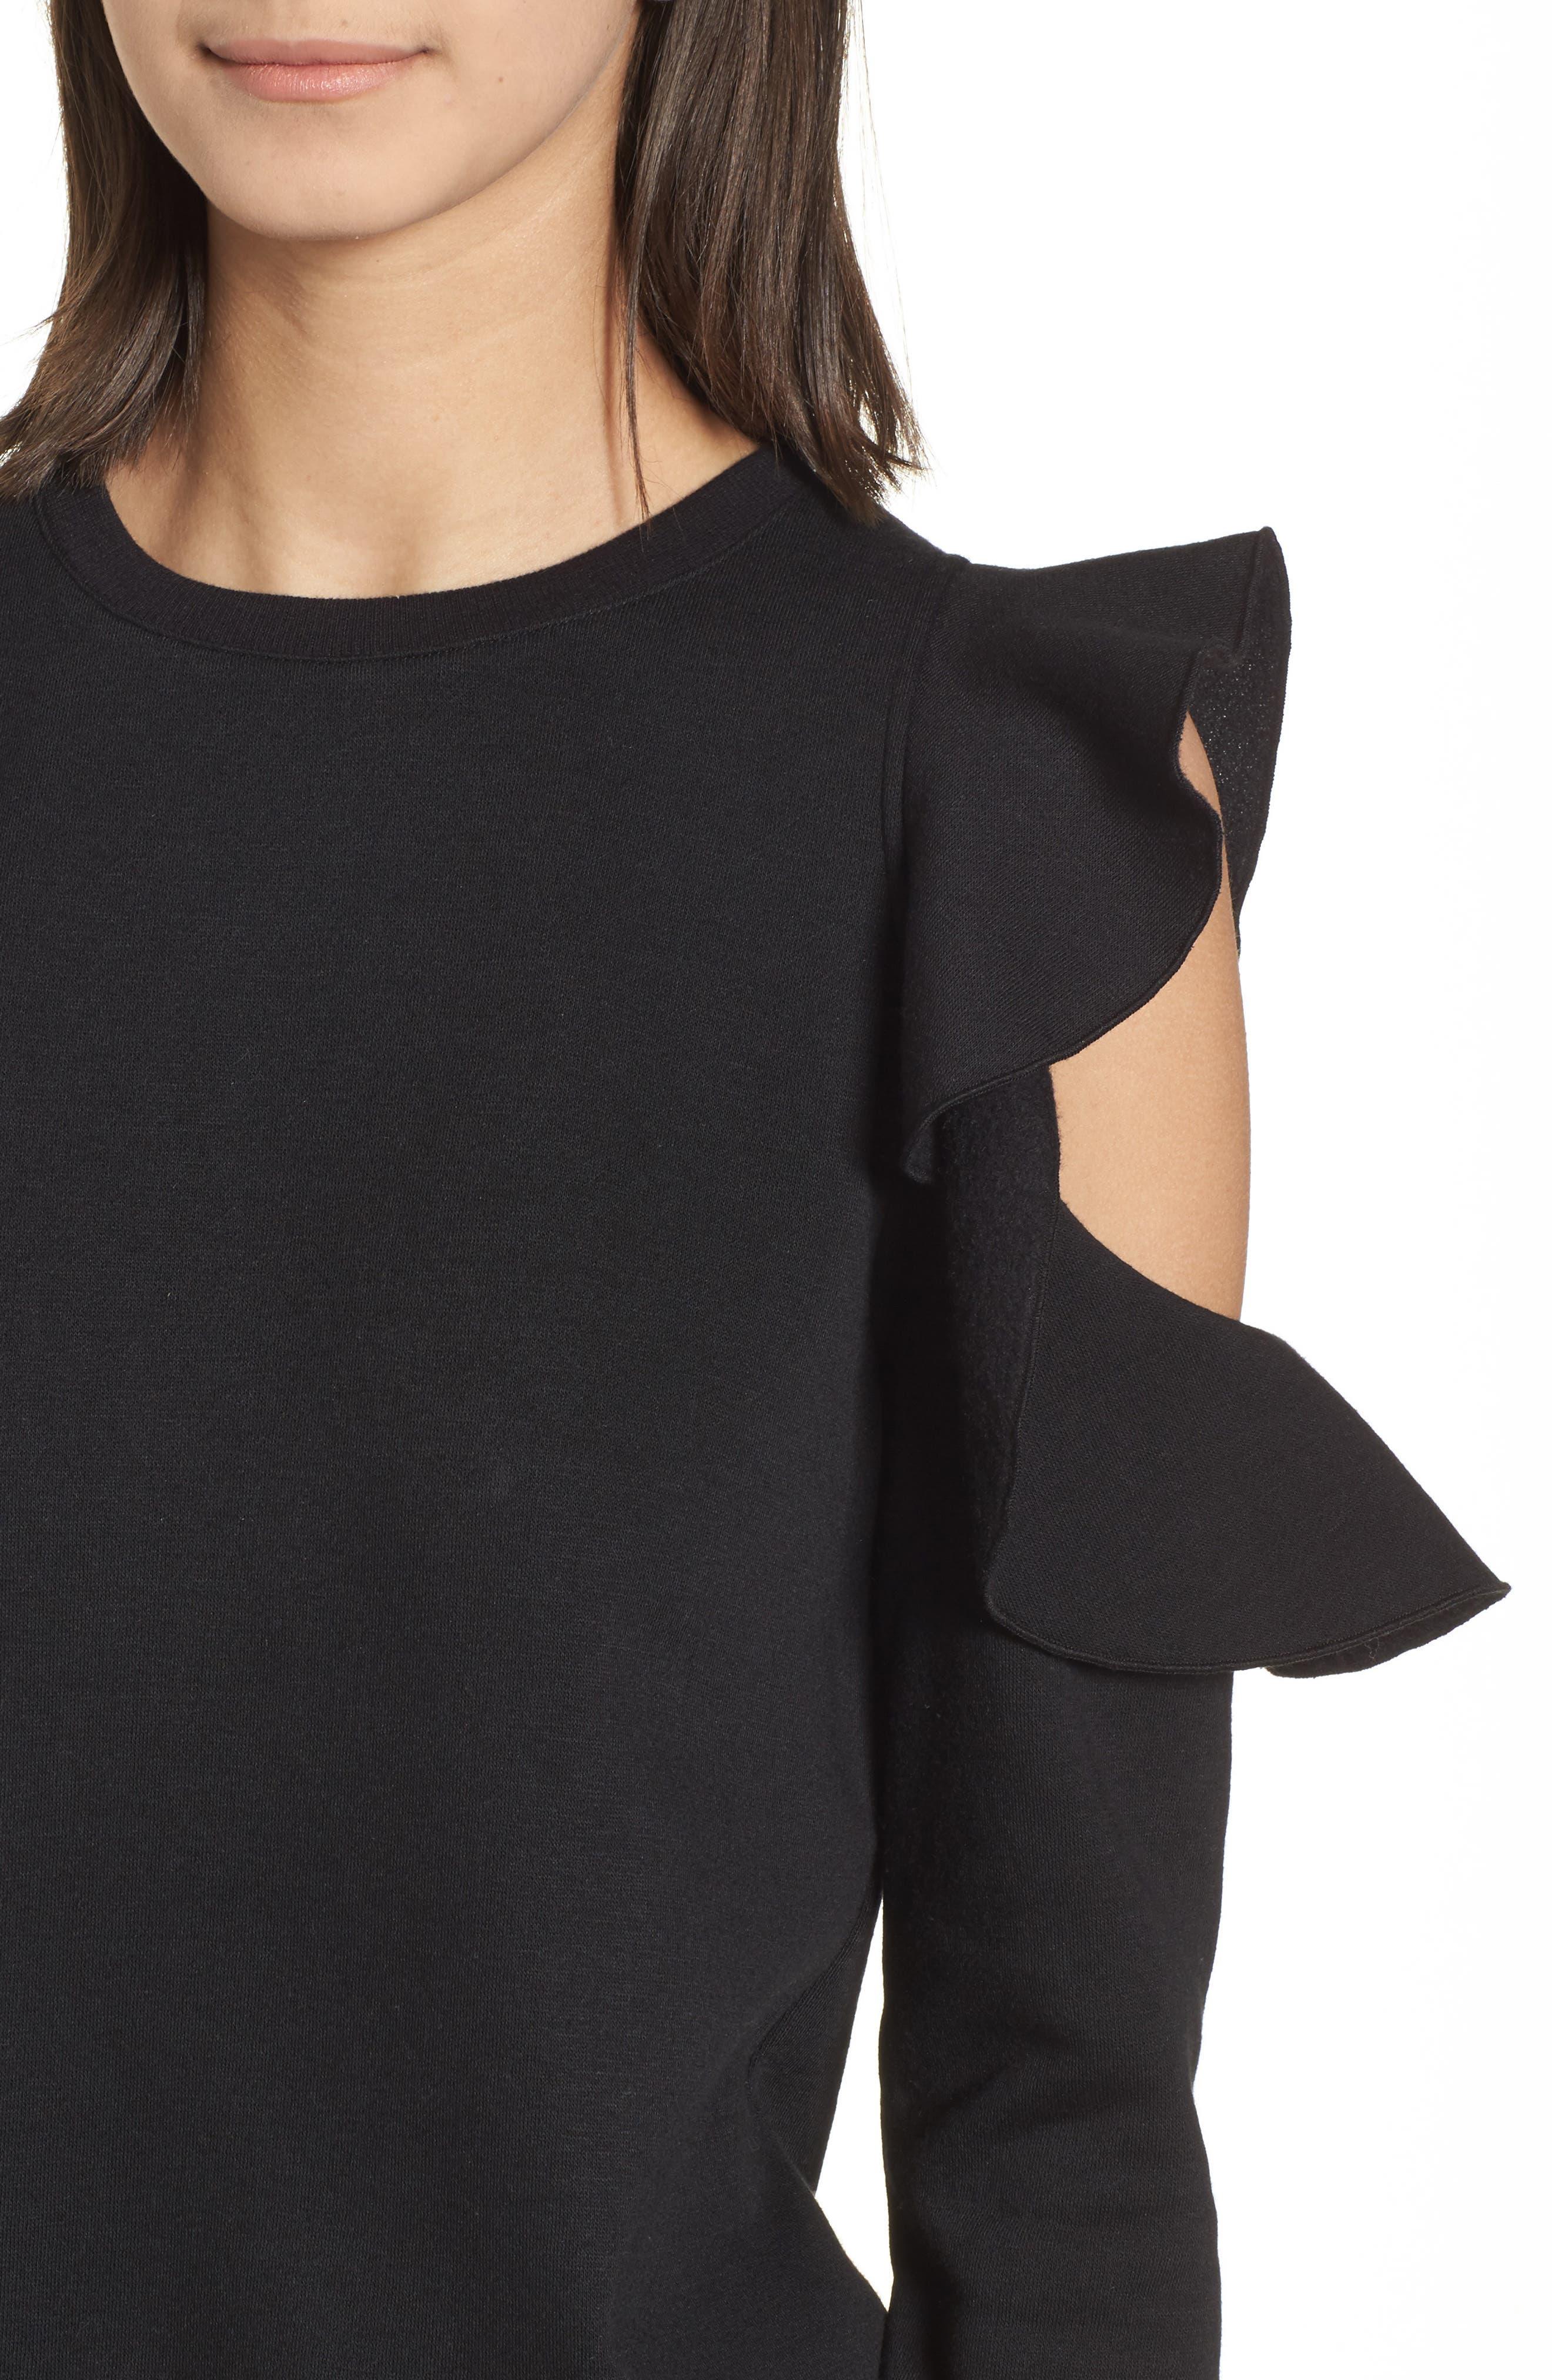 Gracie Cold Shoulder Sweatshirt,                             Alternate thumbnail 4, color,                             001